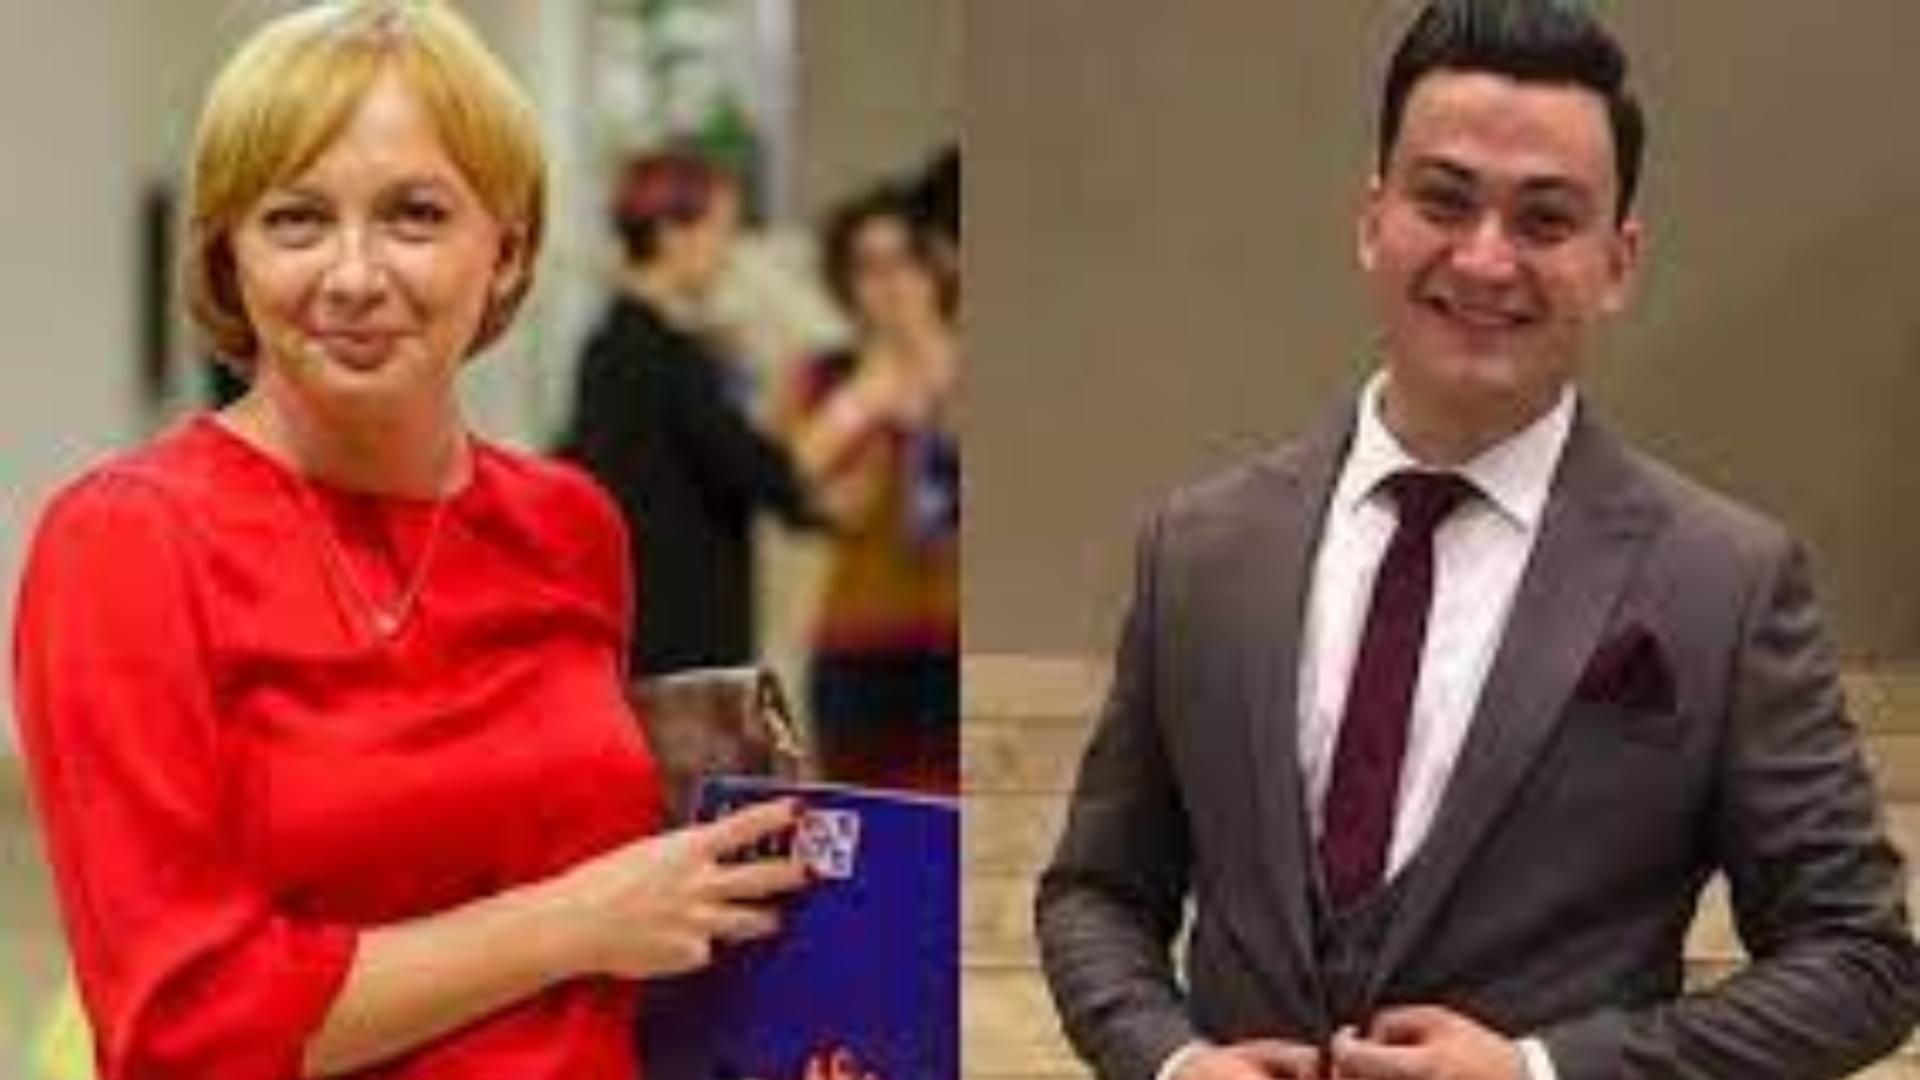 Jurnalista Emilia Șercan si cel care a amenințat-o, polițistul Aurelian Bărbulescu